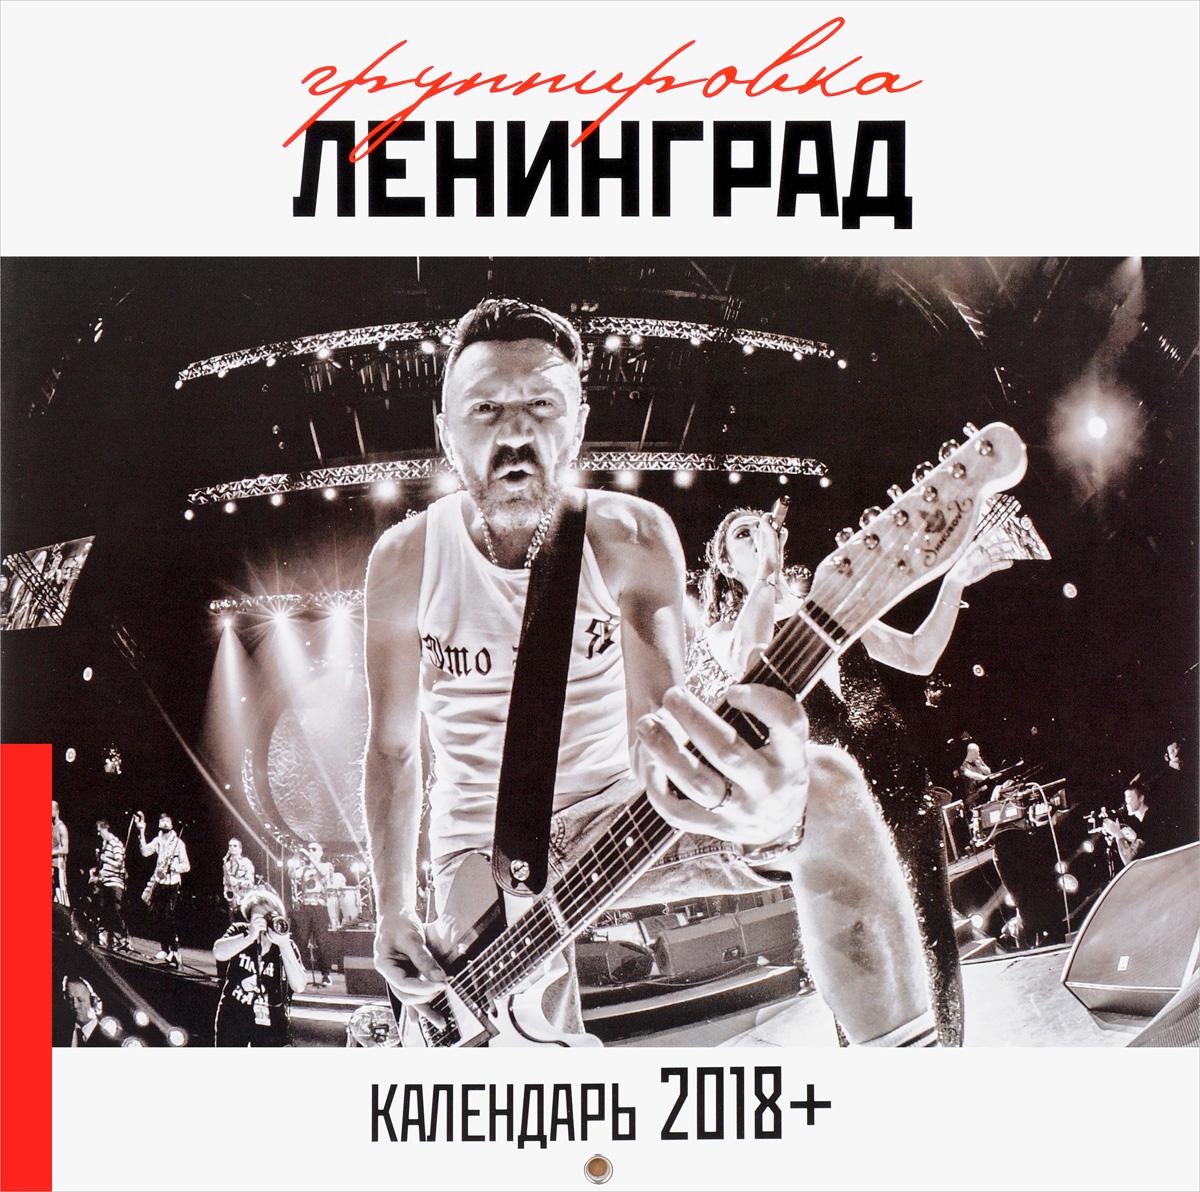 Календарь 2018 (на скрепке). Группировка Ленинград авито ленинград обл жилье